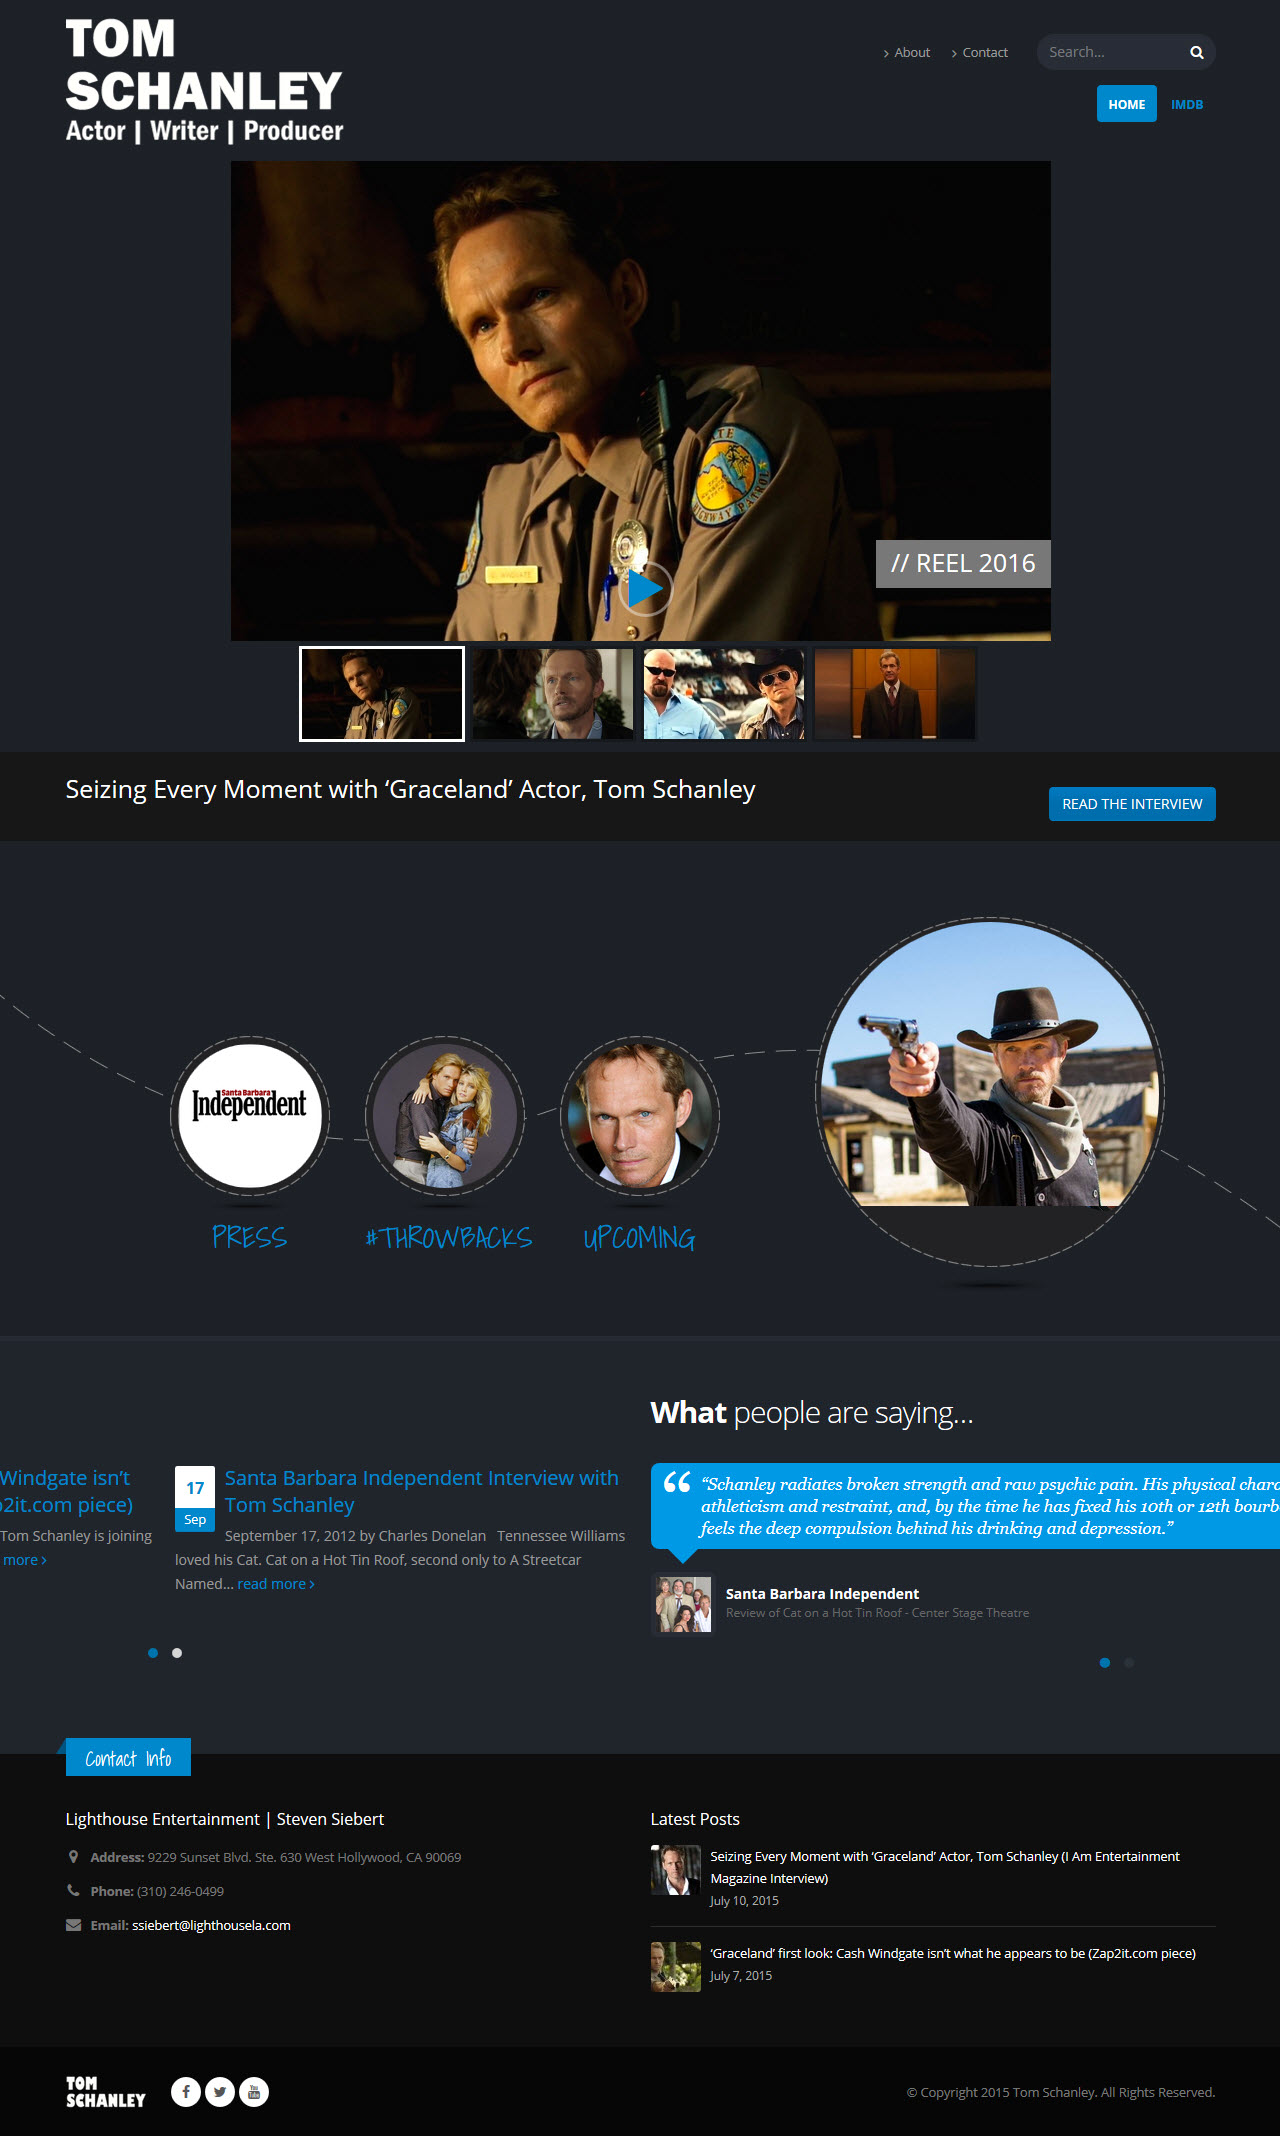 Tom Schanley actor website